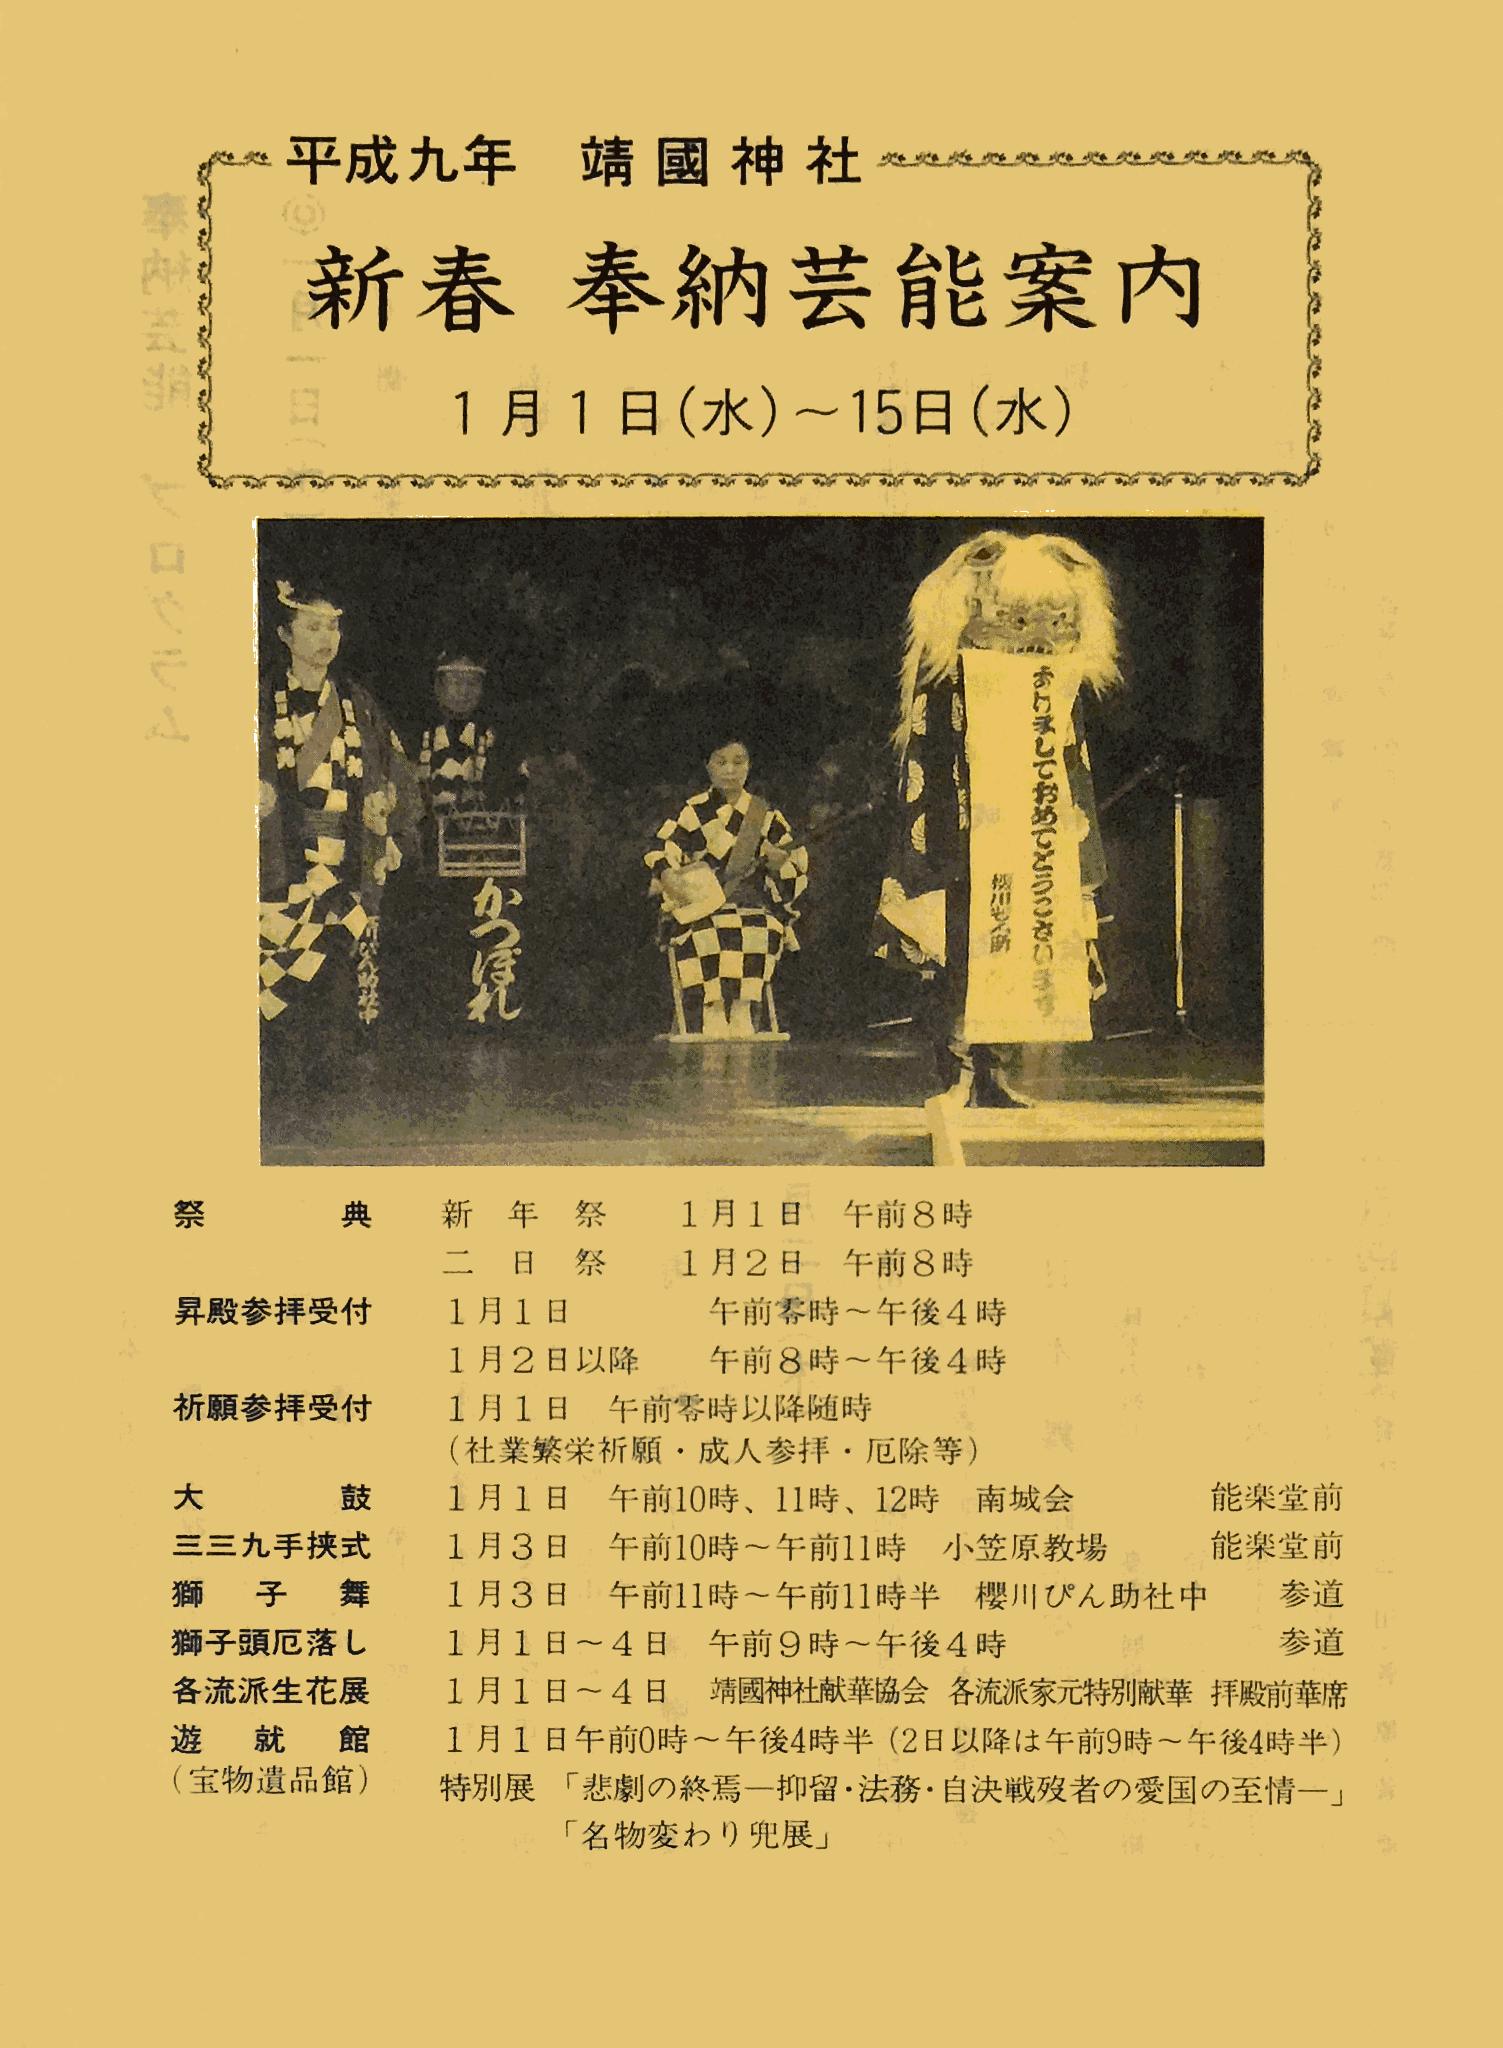 1997年1月1日 靖国神社奉納「弓矢立合」「難波」